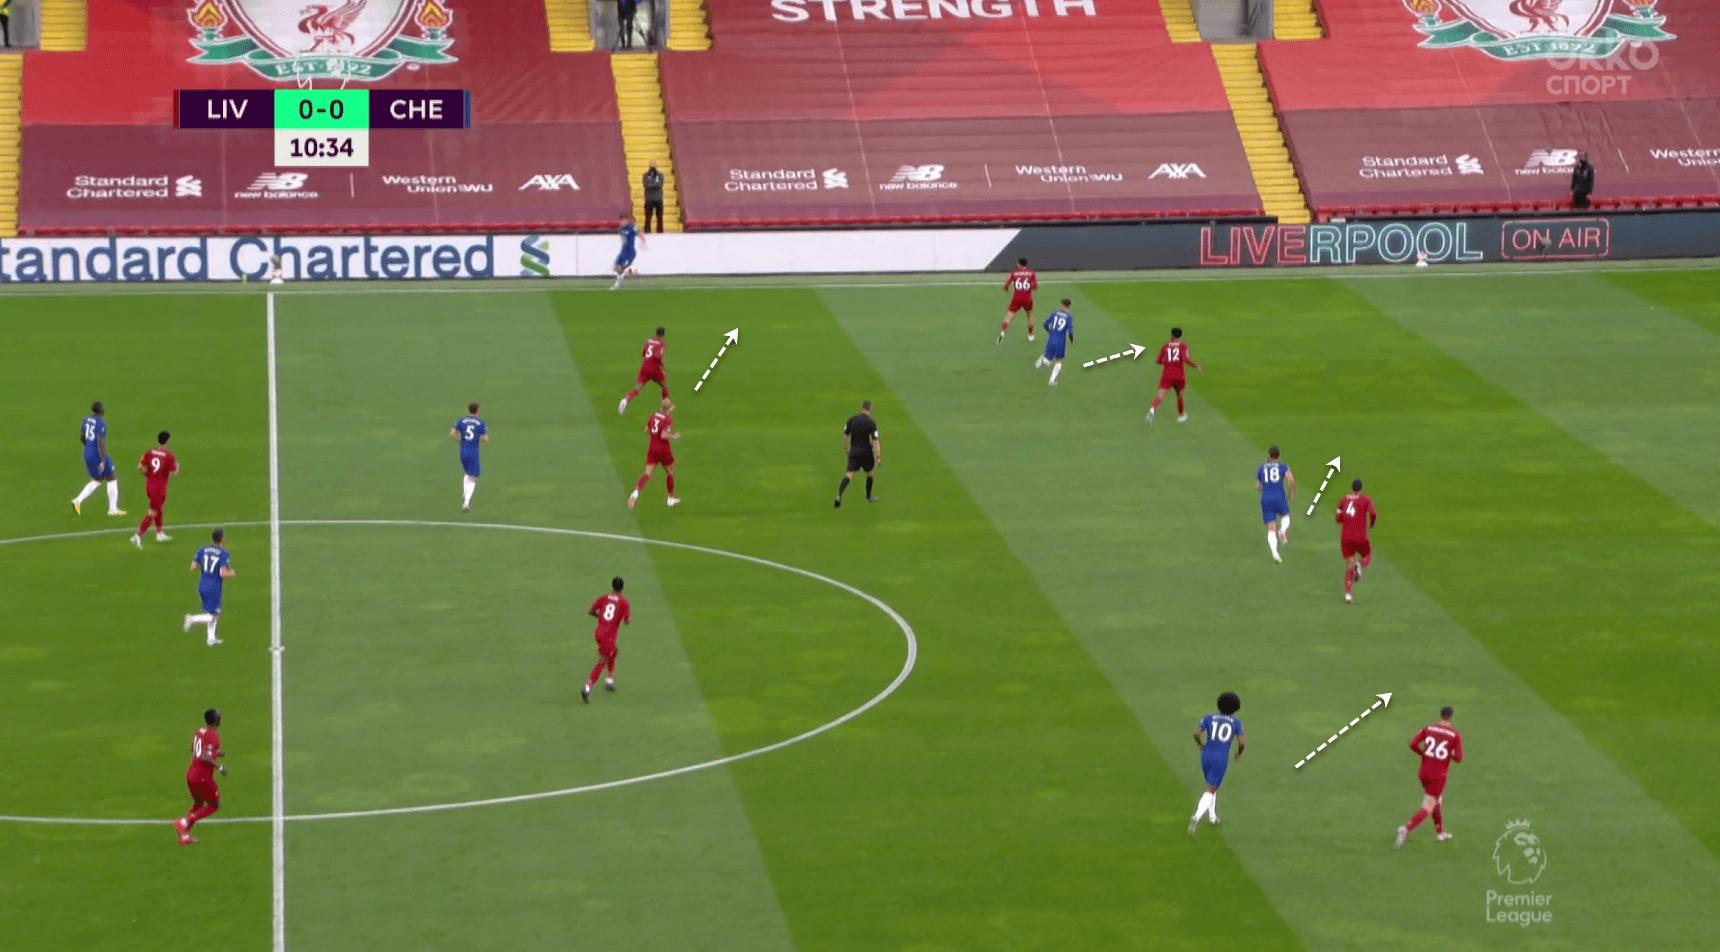 Premier League 2019/20: Liverpool vs Chelsea - tactical analysis